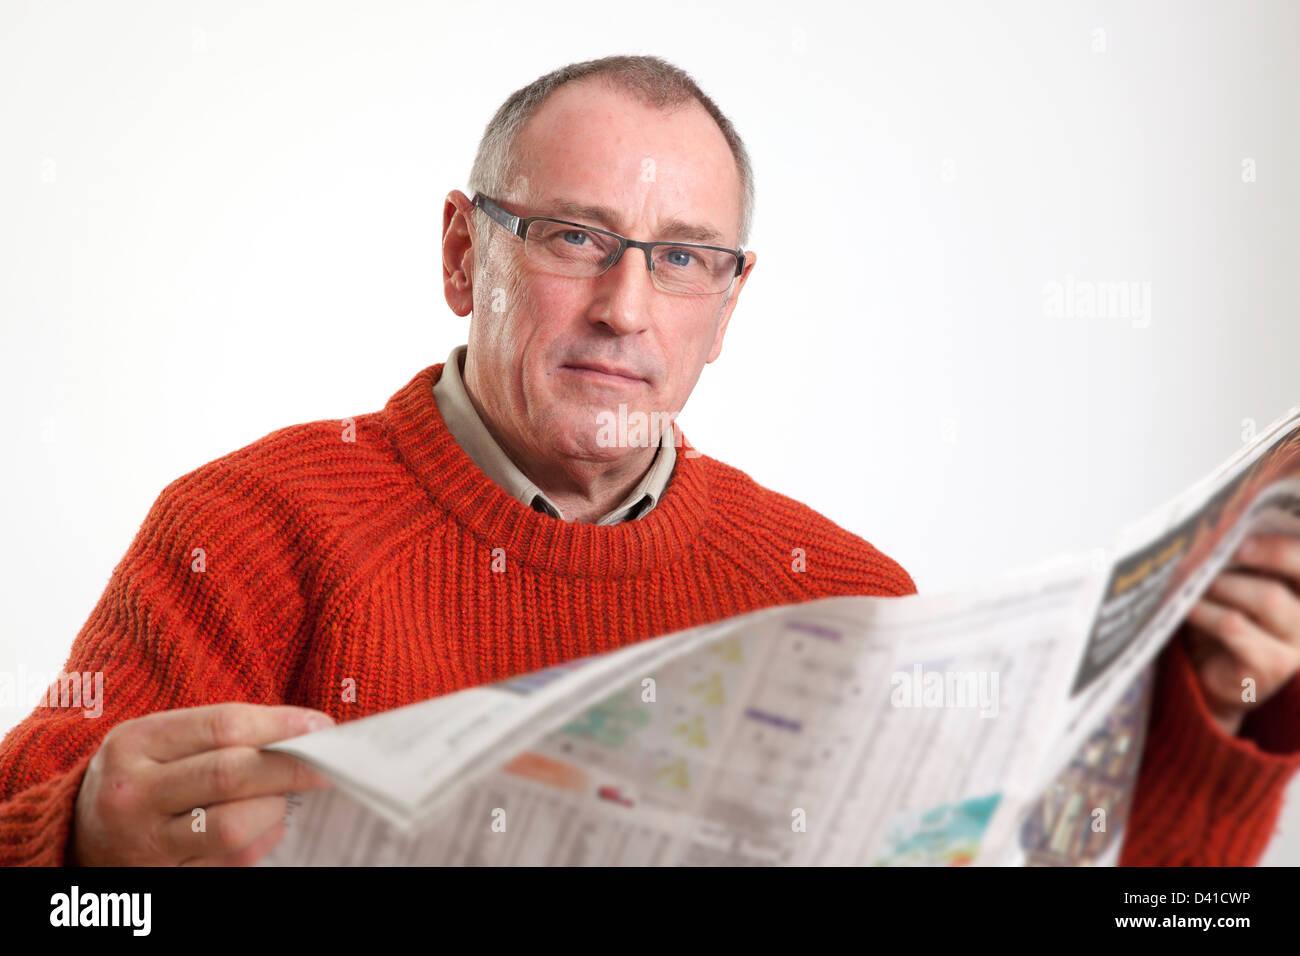 Reifer Mann mit Pullover, der 50er Jahre eine Broadsheet-Zeitung lesen, auf Kamera ernst. Stockfoto